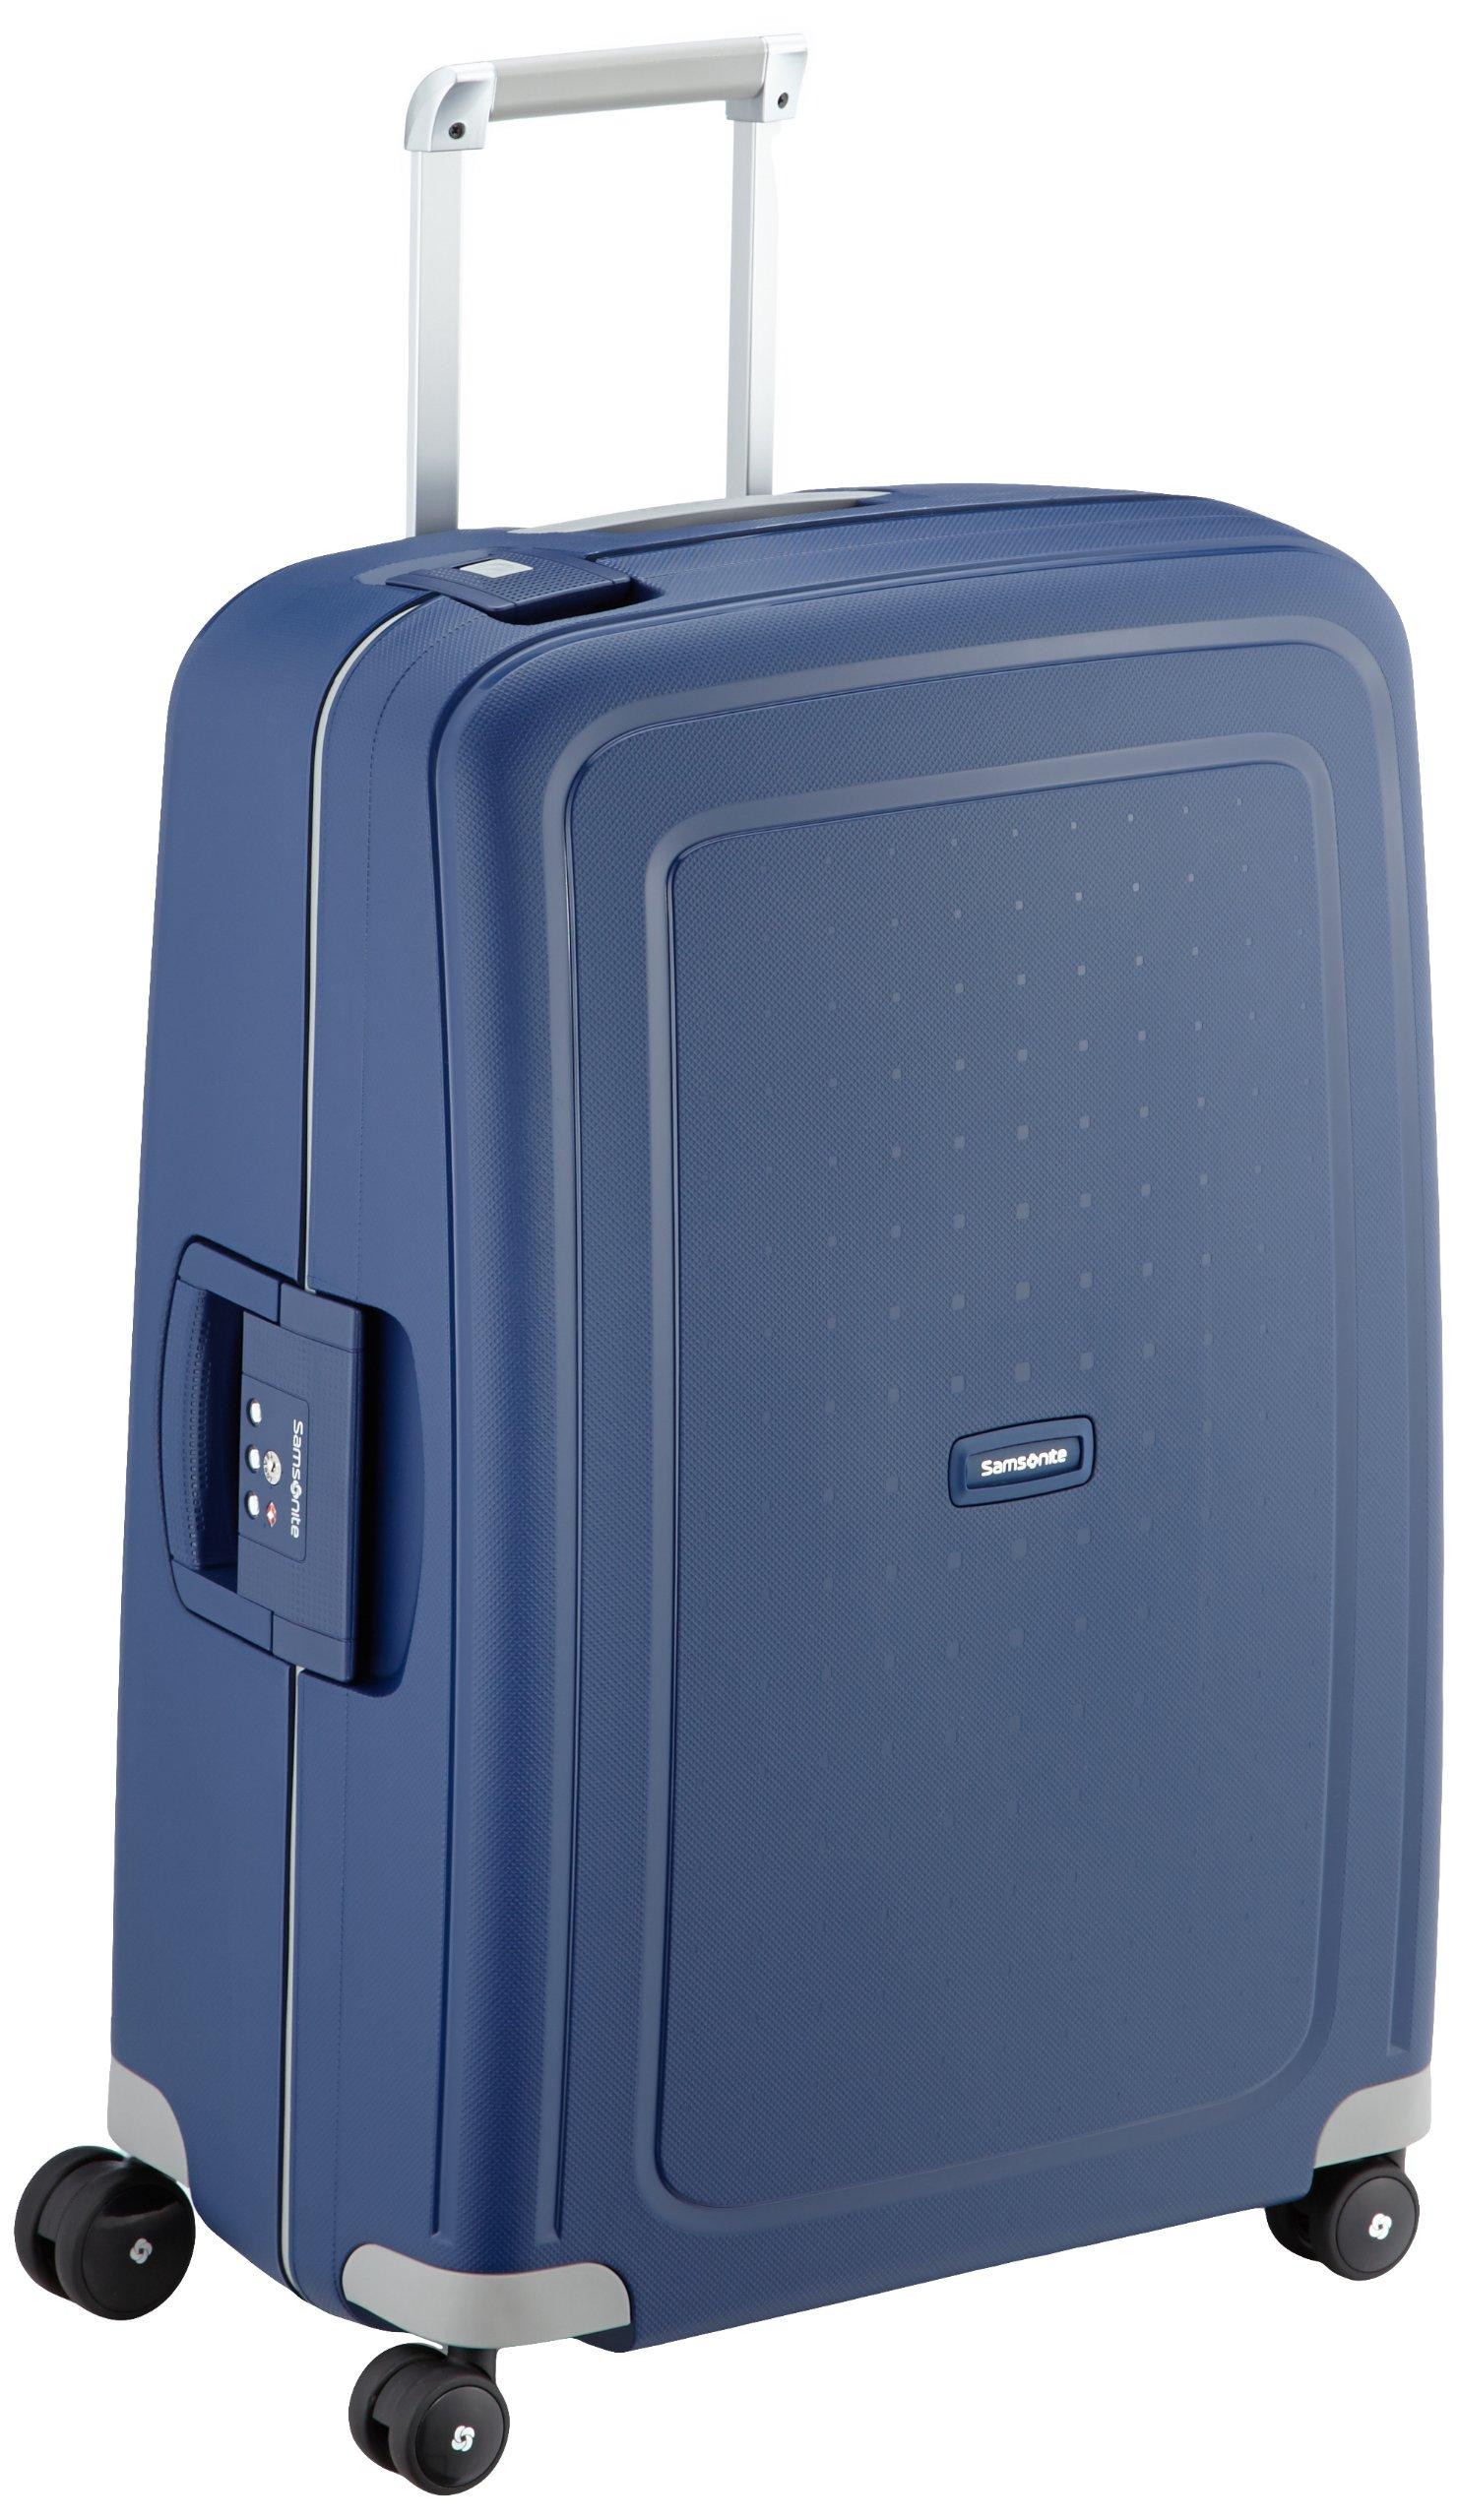 Samsonite Suitcase, 69 cm, 79 Liters, Dark Blue - suitcases, other